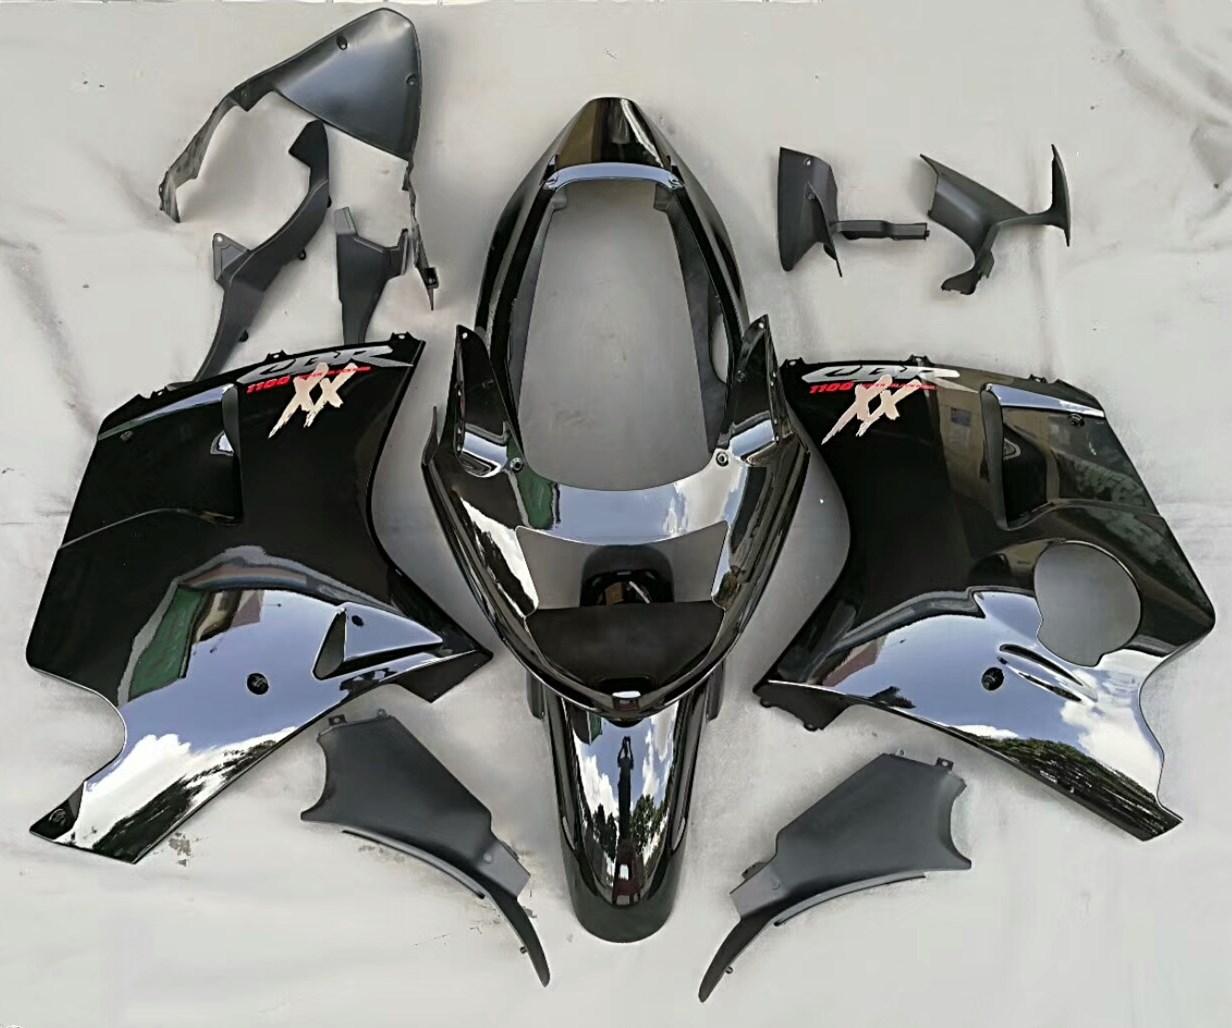 Motorcycle Fairing For Honda CBR1100XX CBR1100 XX CBR 1100XX 1997 - 2007 06 05 04 03 02 01 00 99 98 Injection Bodywork Fairings